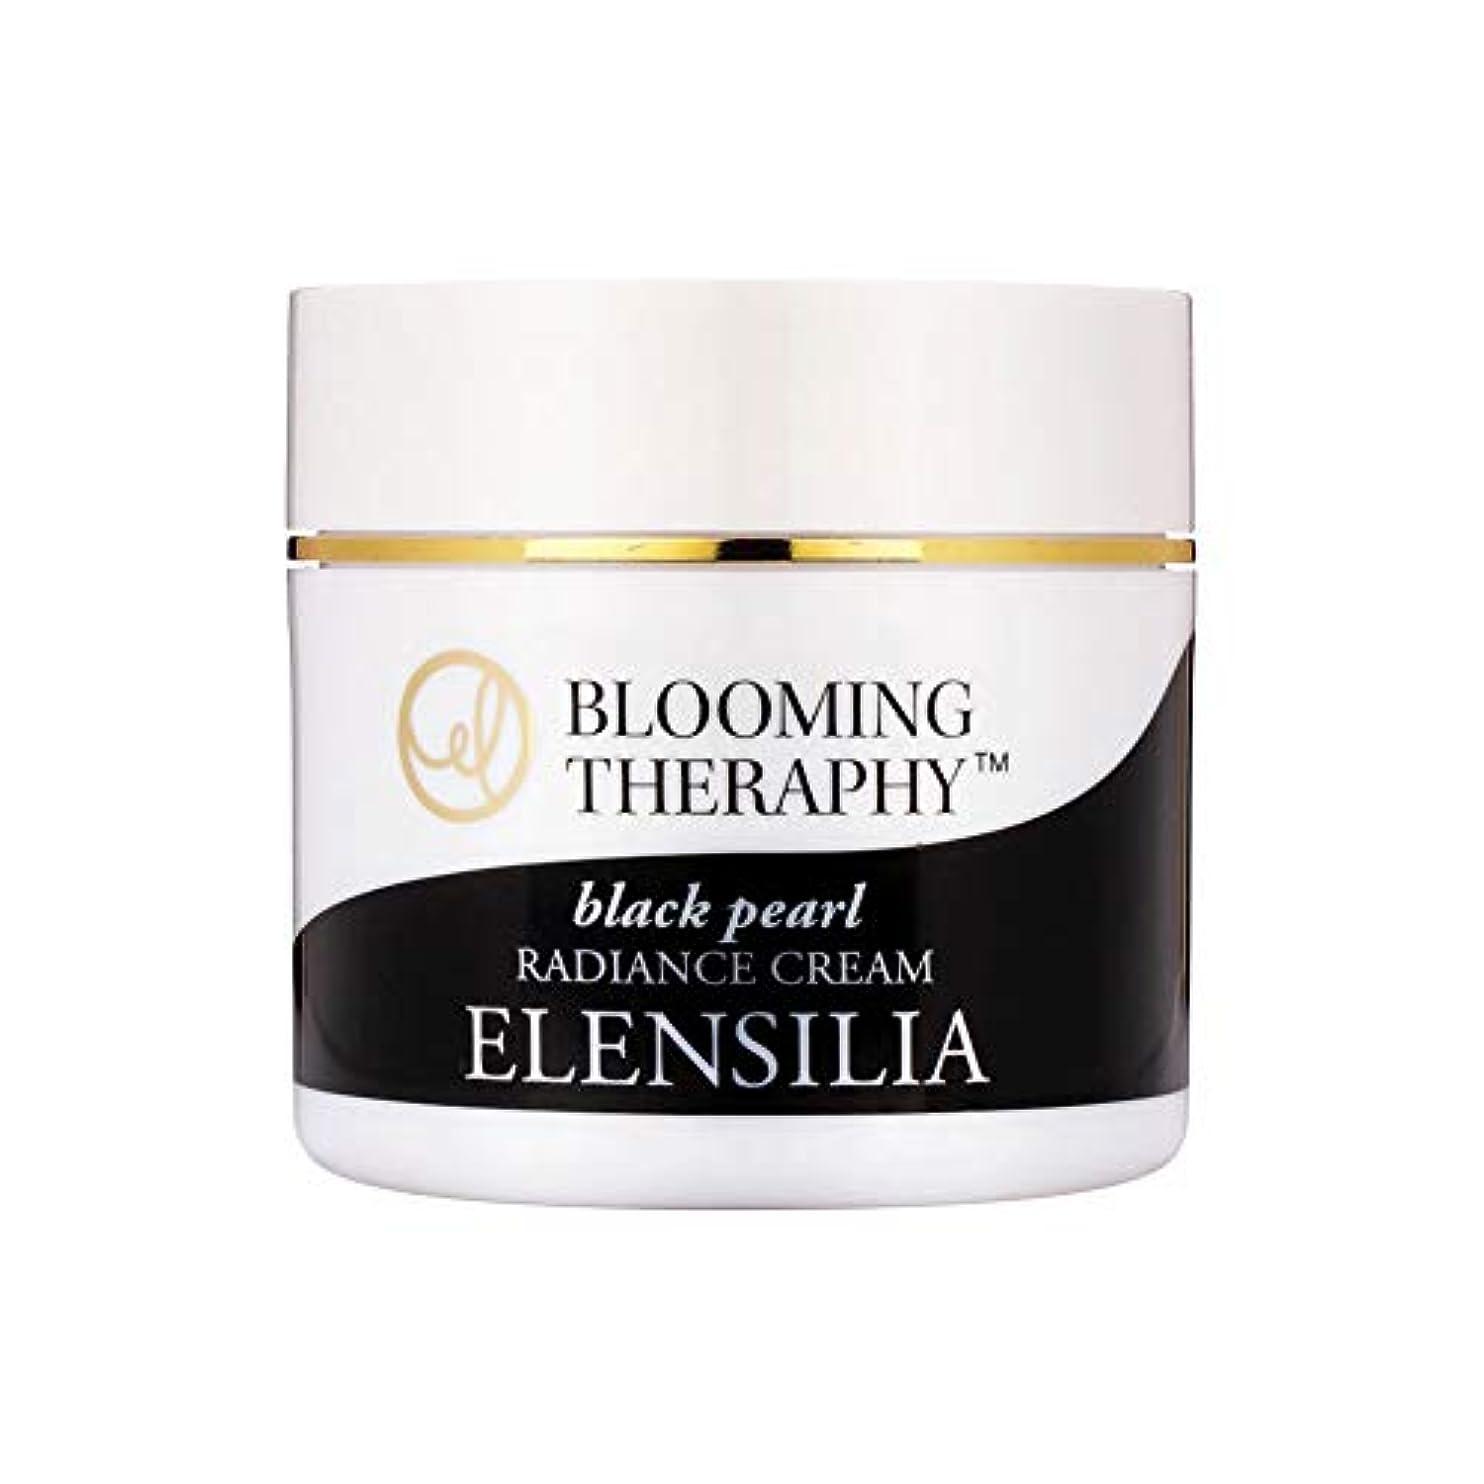 シリーズ最大限予測するエルレンシルラElensilia 韓国コスメ ブルーミングセラピー黒真珠ラディアンスクリーム50g 海外直送品 Blooming Theraphy Black Pearl Radiance Cream [並行輸入品]